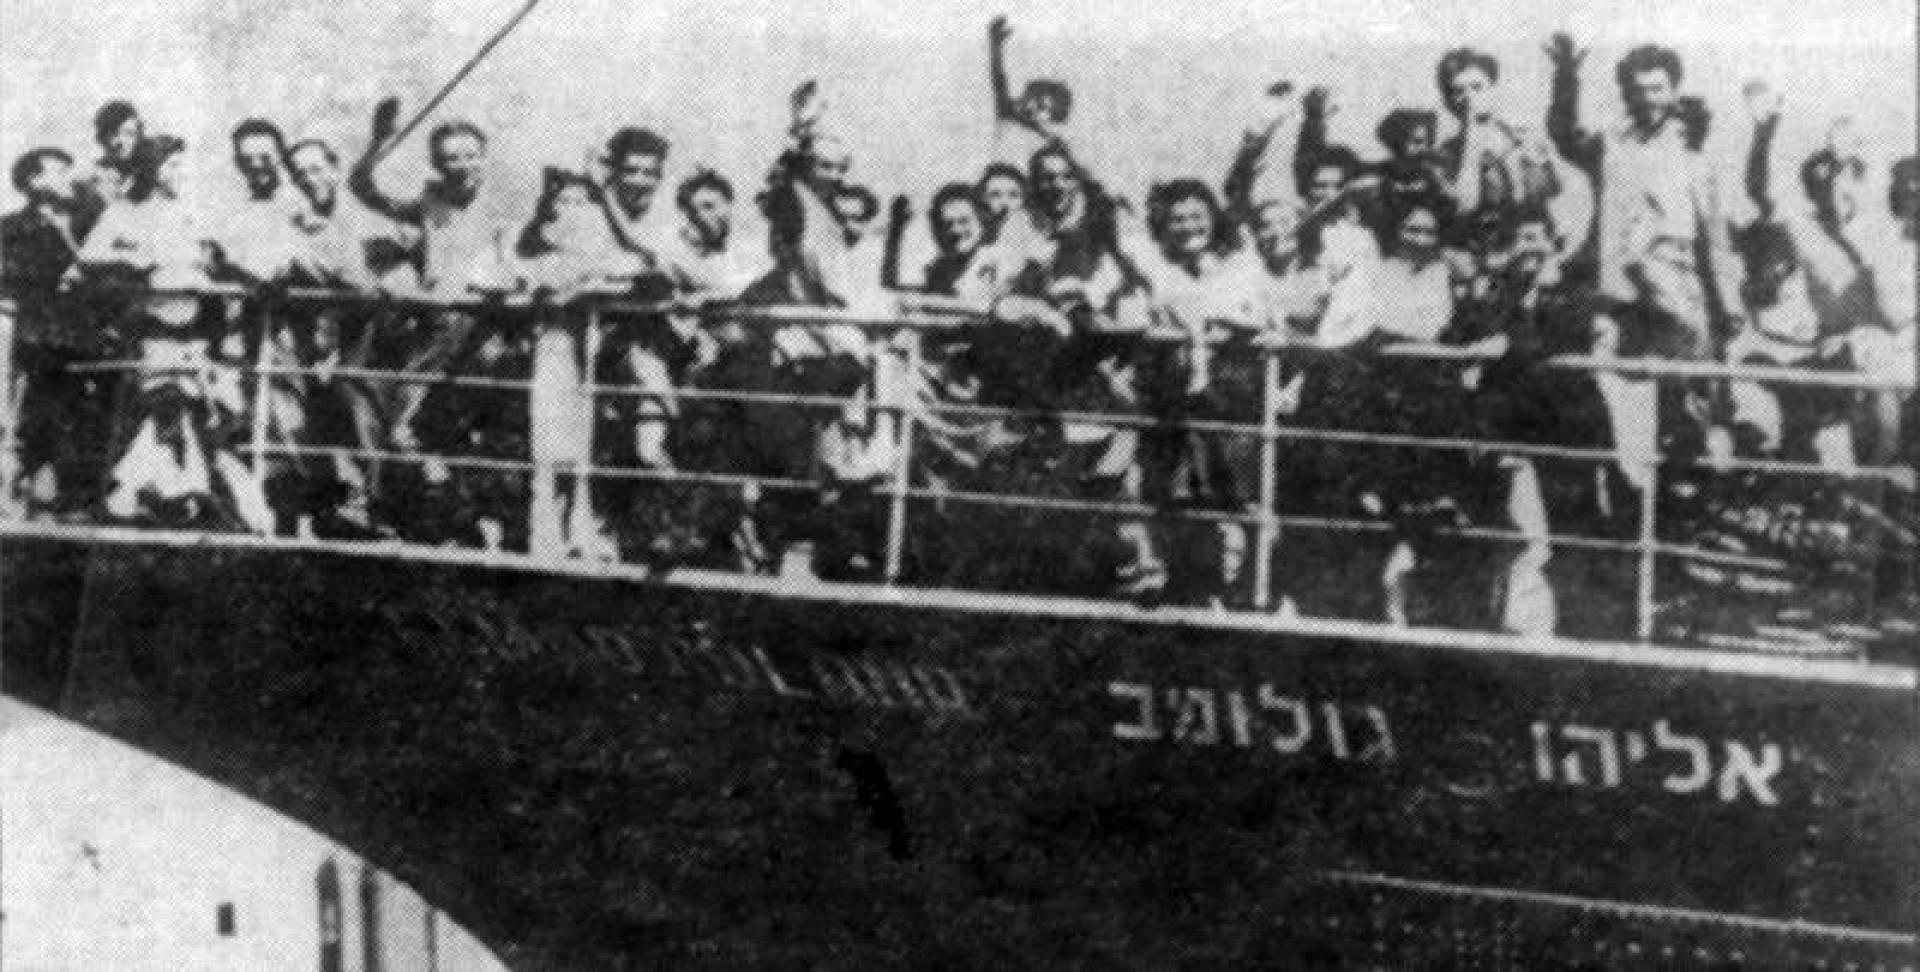 احدى مراحل هجرة اليهود إلى فلسطين.. أرشيفية